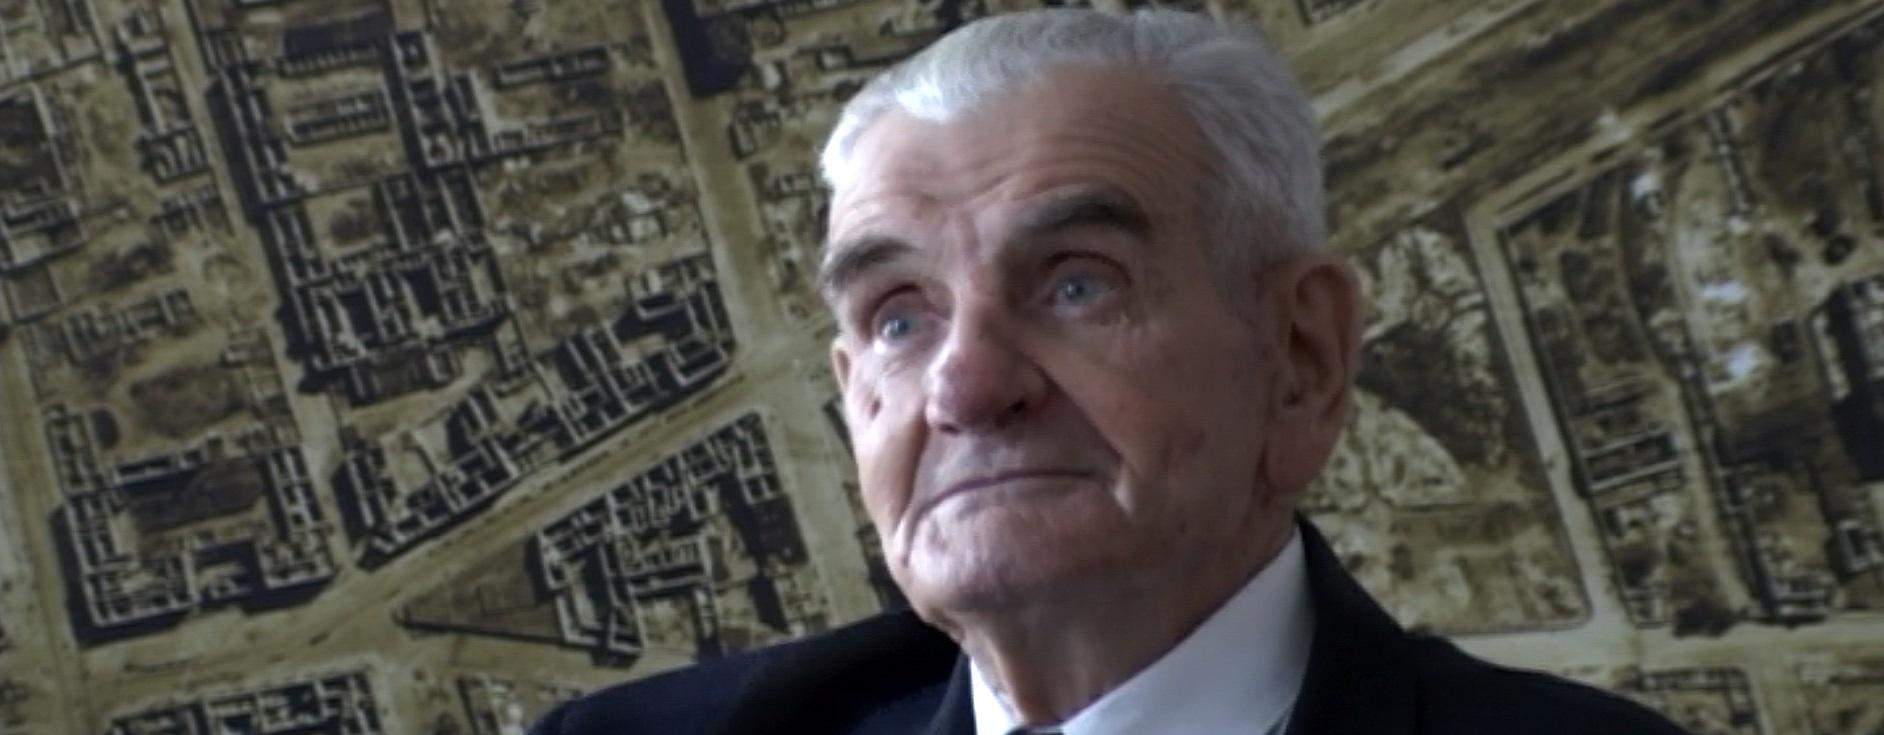 7a8e606581 Archiwum Historii Mówionej - Stanisław Sieradzki